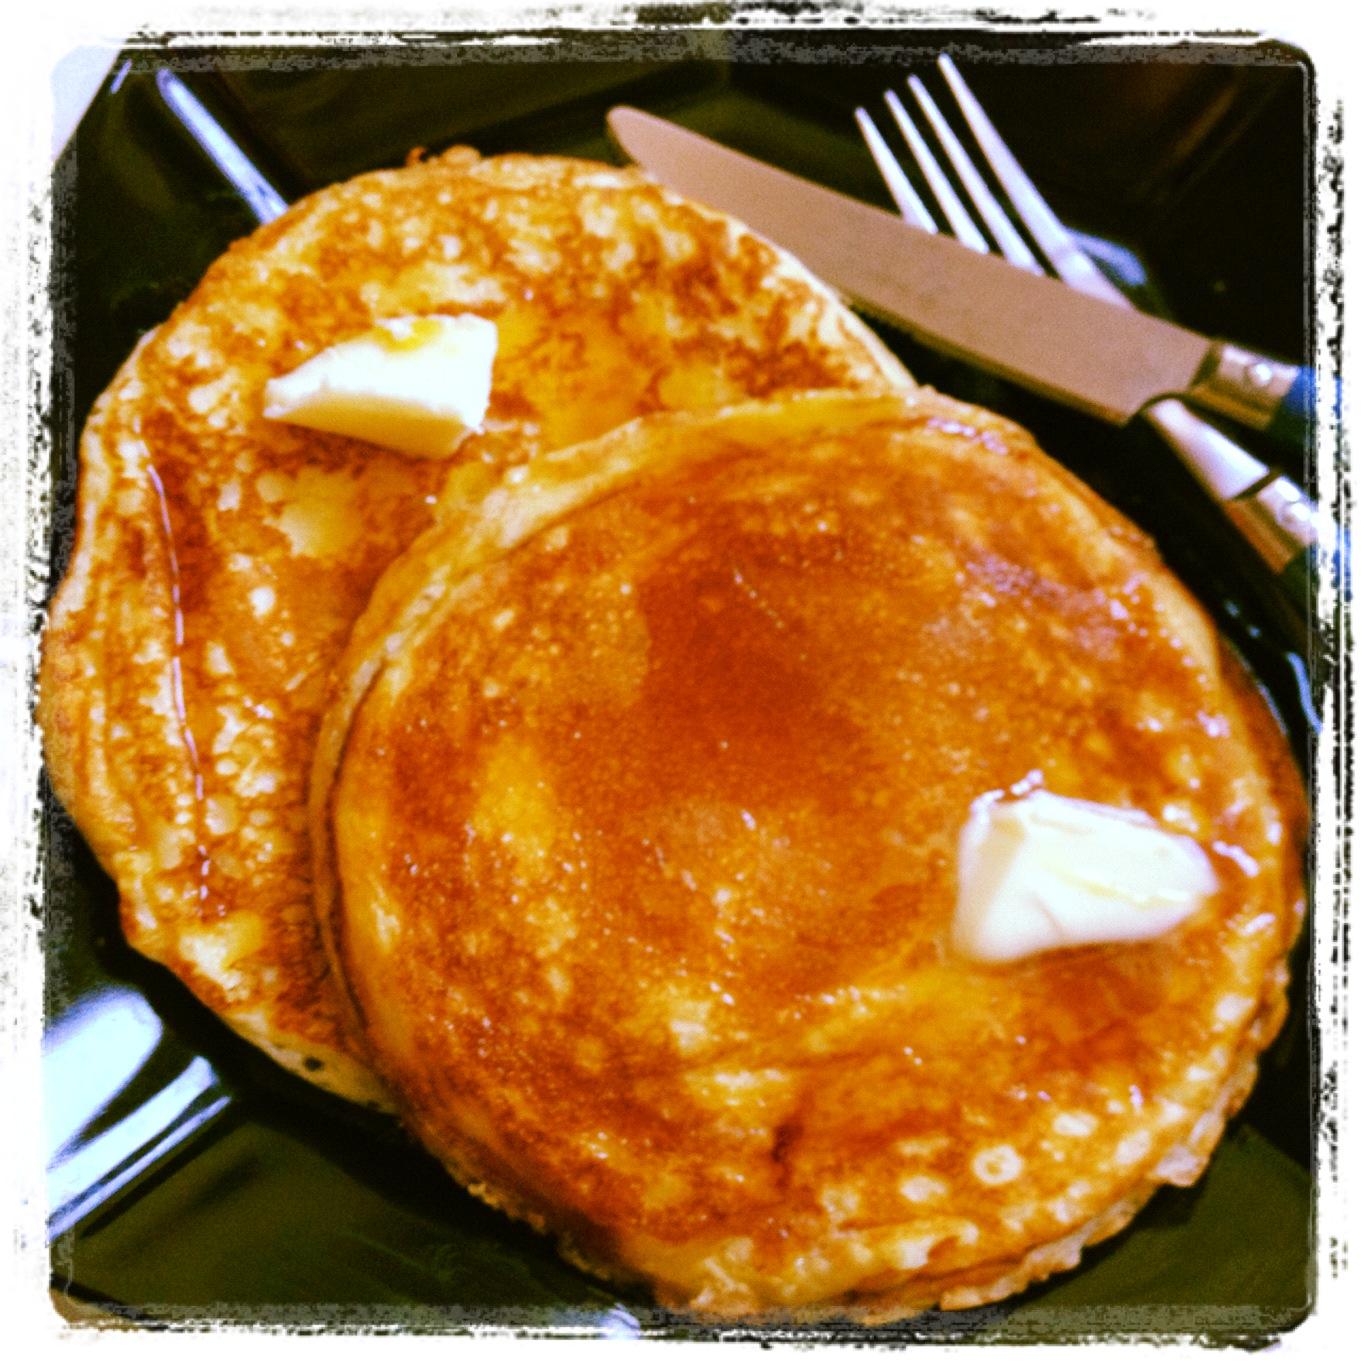 zuckerbefreit rezept f r pancakes ohne zucker ohne stevia. Black Bedroom Furniture Sets. Home Design Ideas